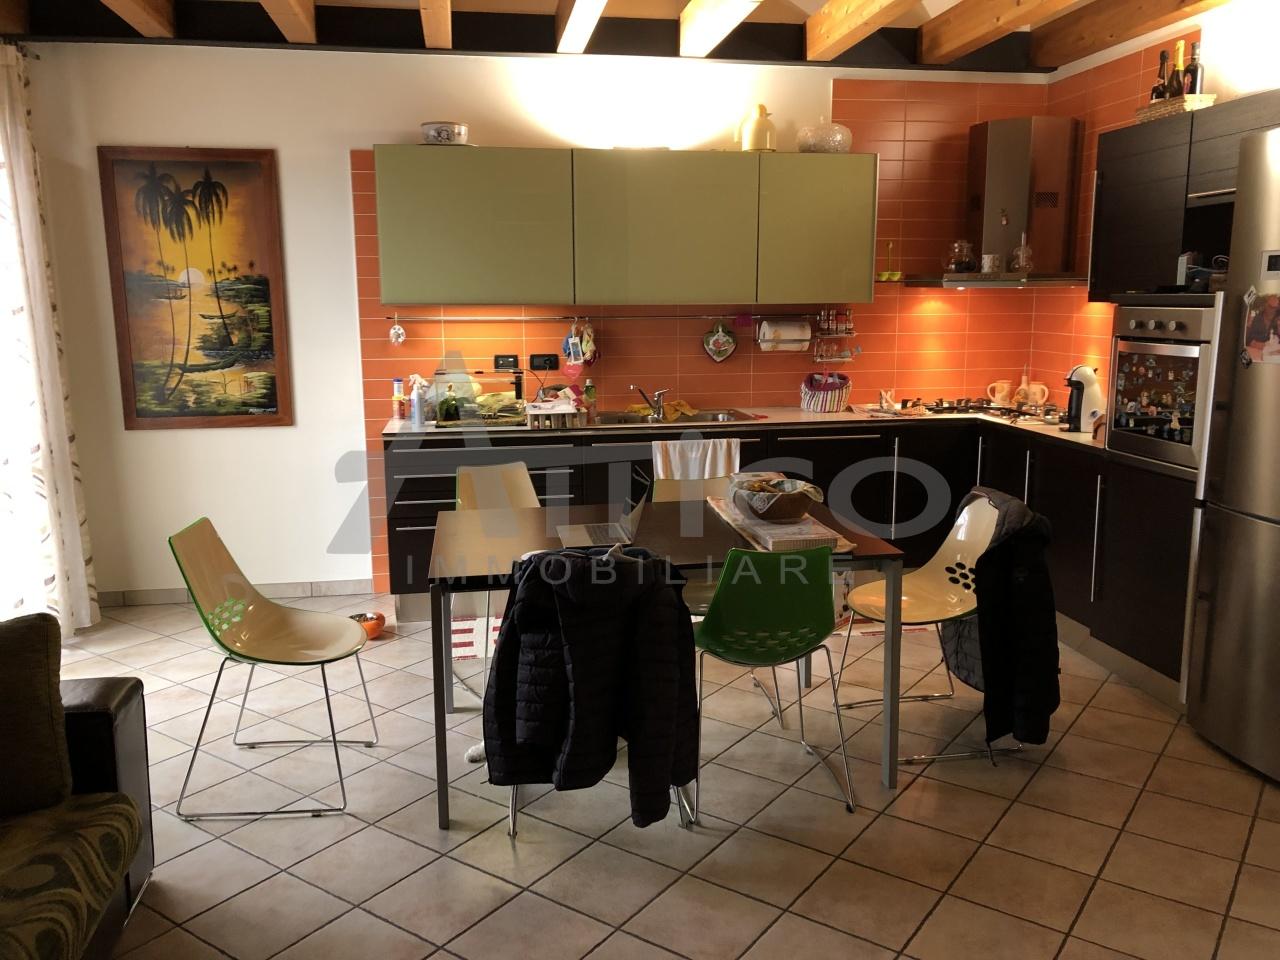 Indipendente - Appartamento a Boara Polesine, Rovigo